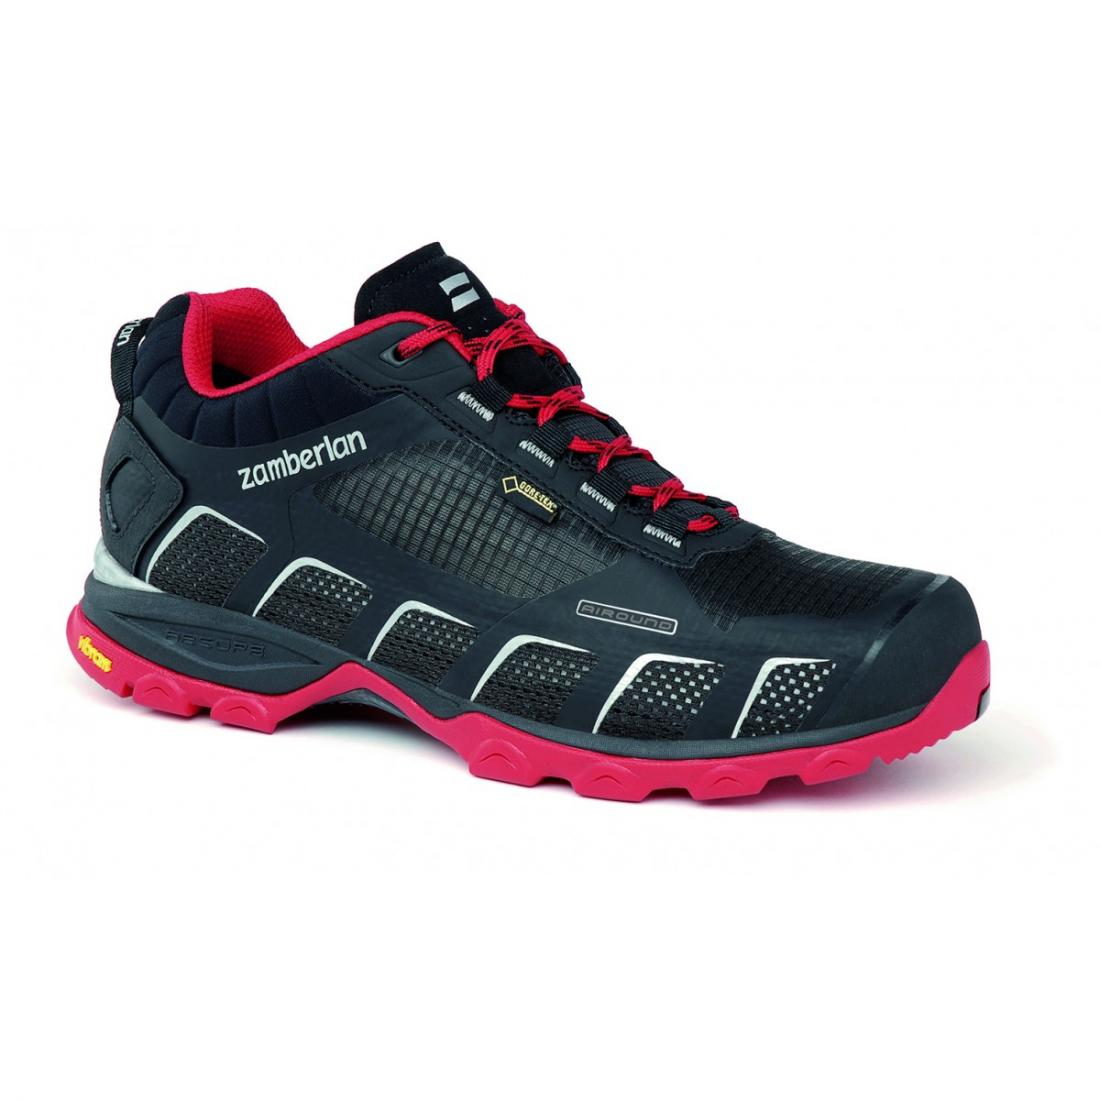 Кроссовки 132 AIR-ROUND GTX RRХайкинговые<br>Стильные ботинки средней высоты для легкого и уверенного движения по горным тропам. Комфортная посадка этих ботинок усовершенствована за счет эксклюзивной внешней подошвы Zamberlan® Vibram® Speed Hiking Lite, которая позволяет максимально эффективно де...<br><br>Цвет: Черный<br>Размер: 40